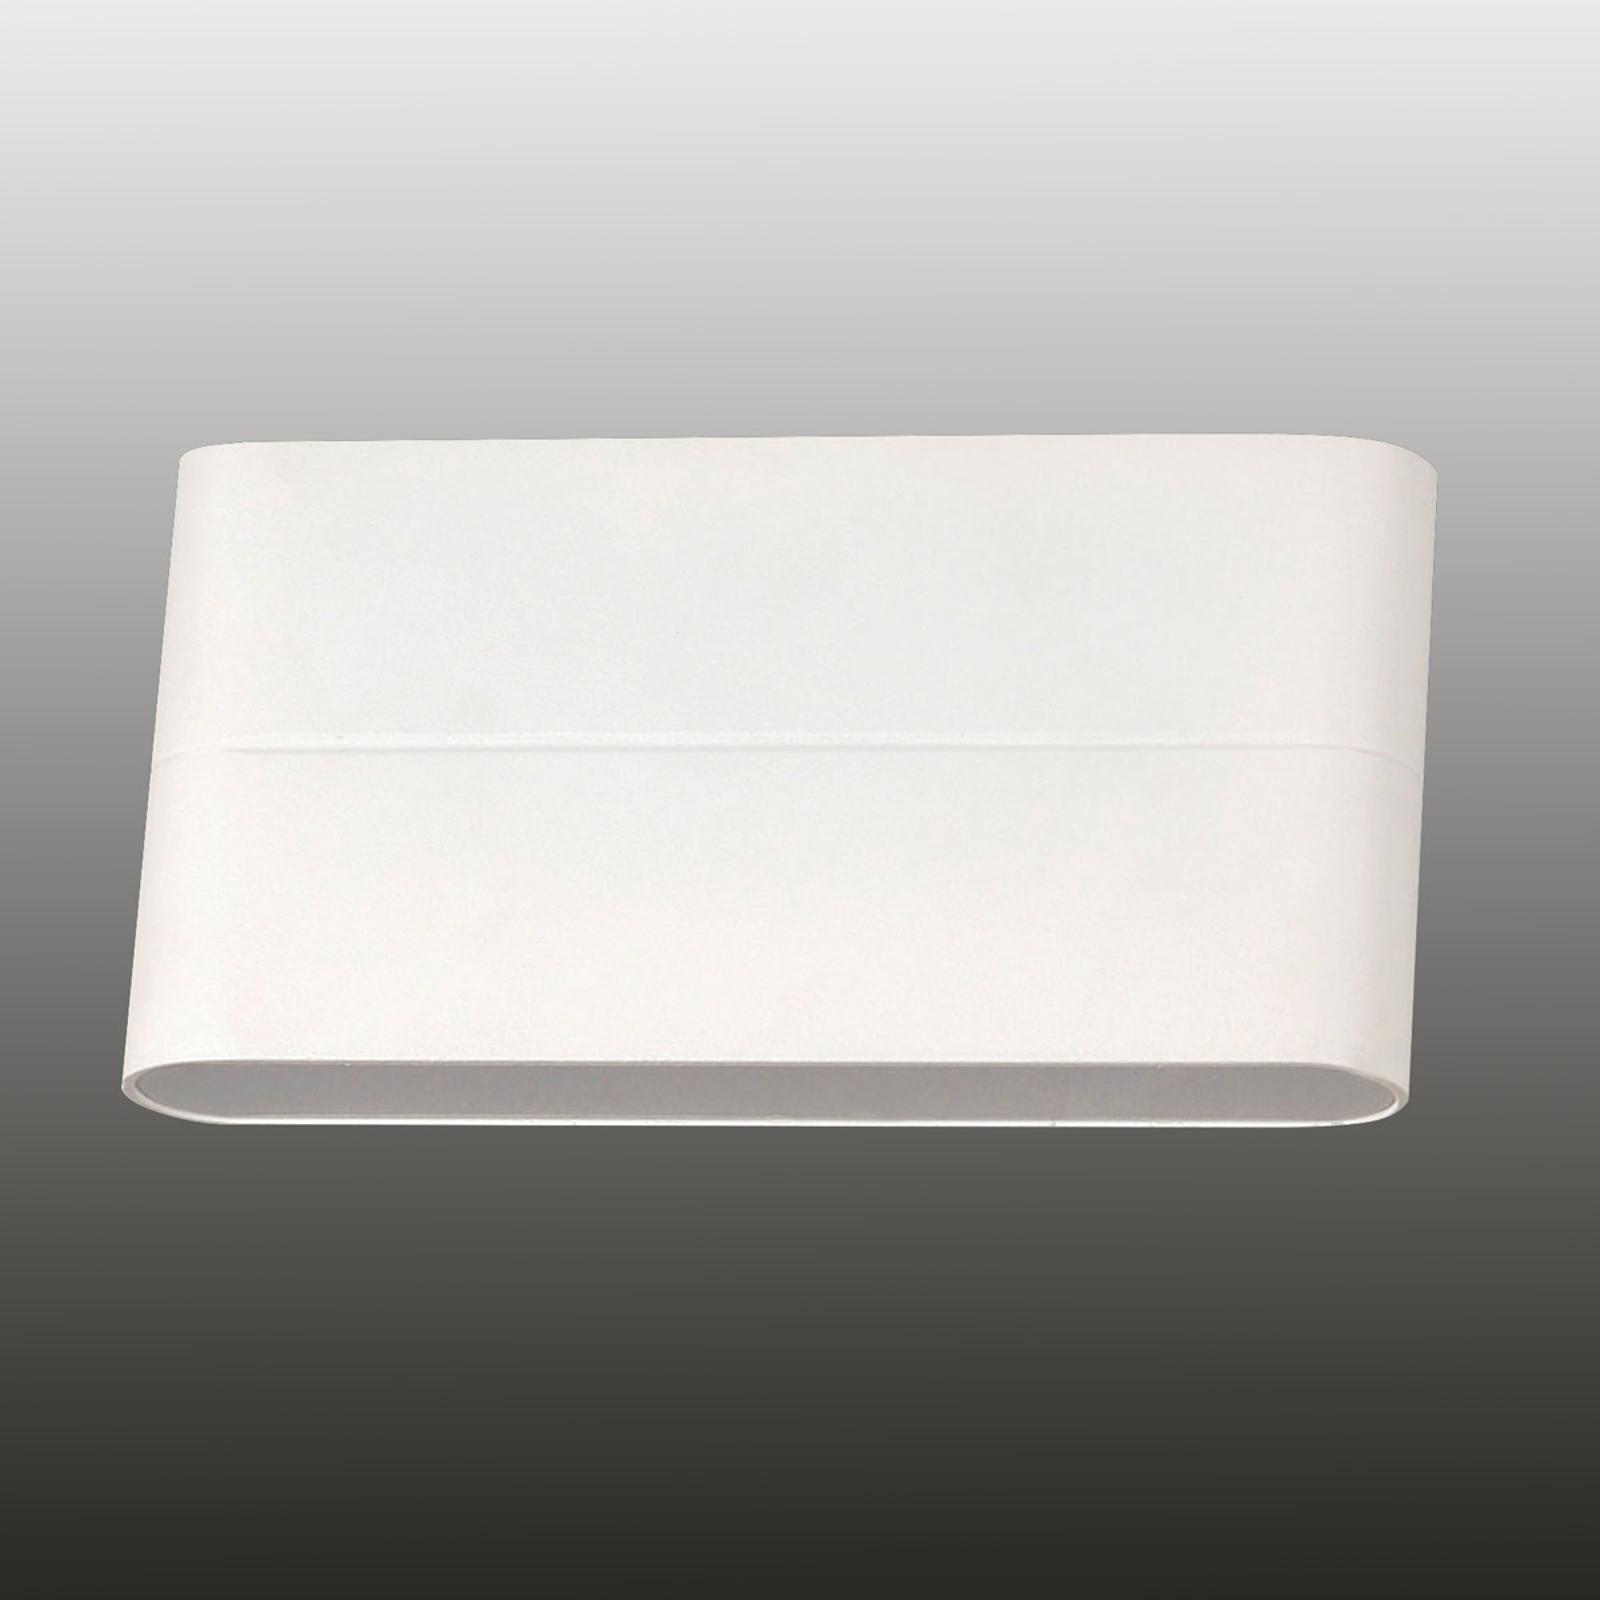 Vonkajšie nástenné LED svietidlo Casper, biele_3502518_1